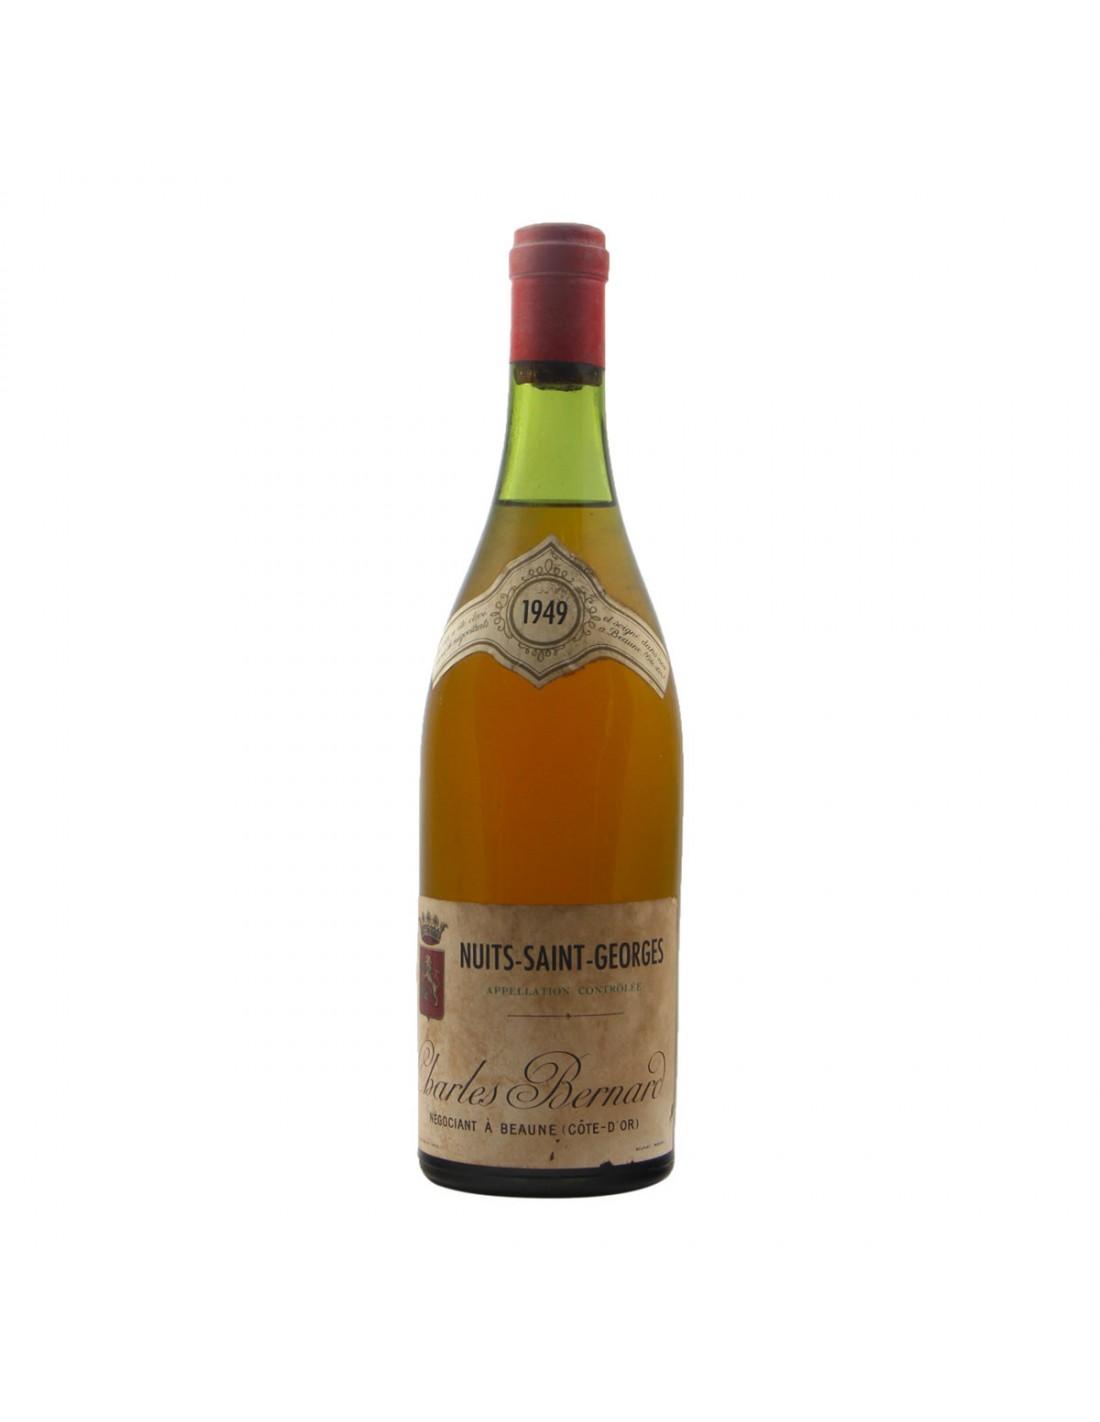 NUITS SAINT GEORGES CLEAR COLOUR 1949 CHARLES BERNARD Grandi Bottiglie